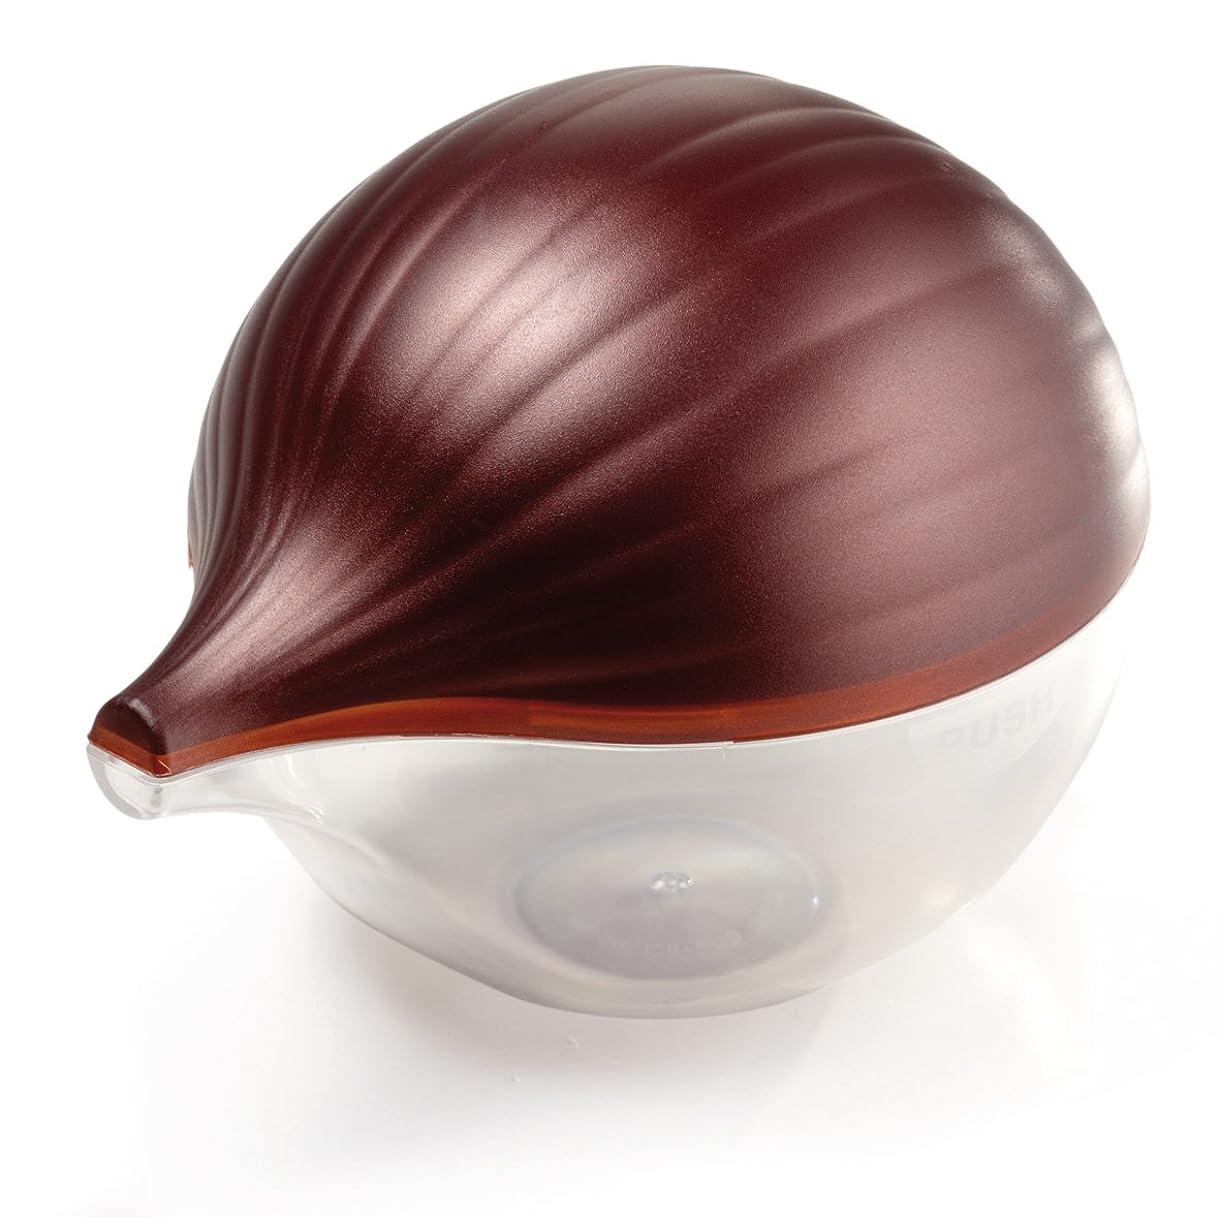 エネルギー小さなミリメートルSnips Salva Cipolla Clear Plastic Onion Saver, Purple by Snips